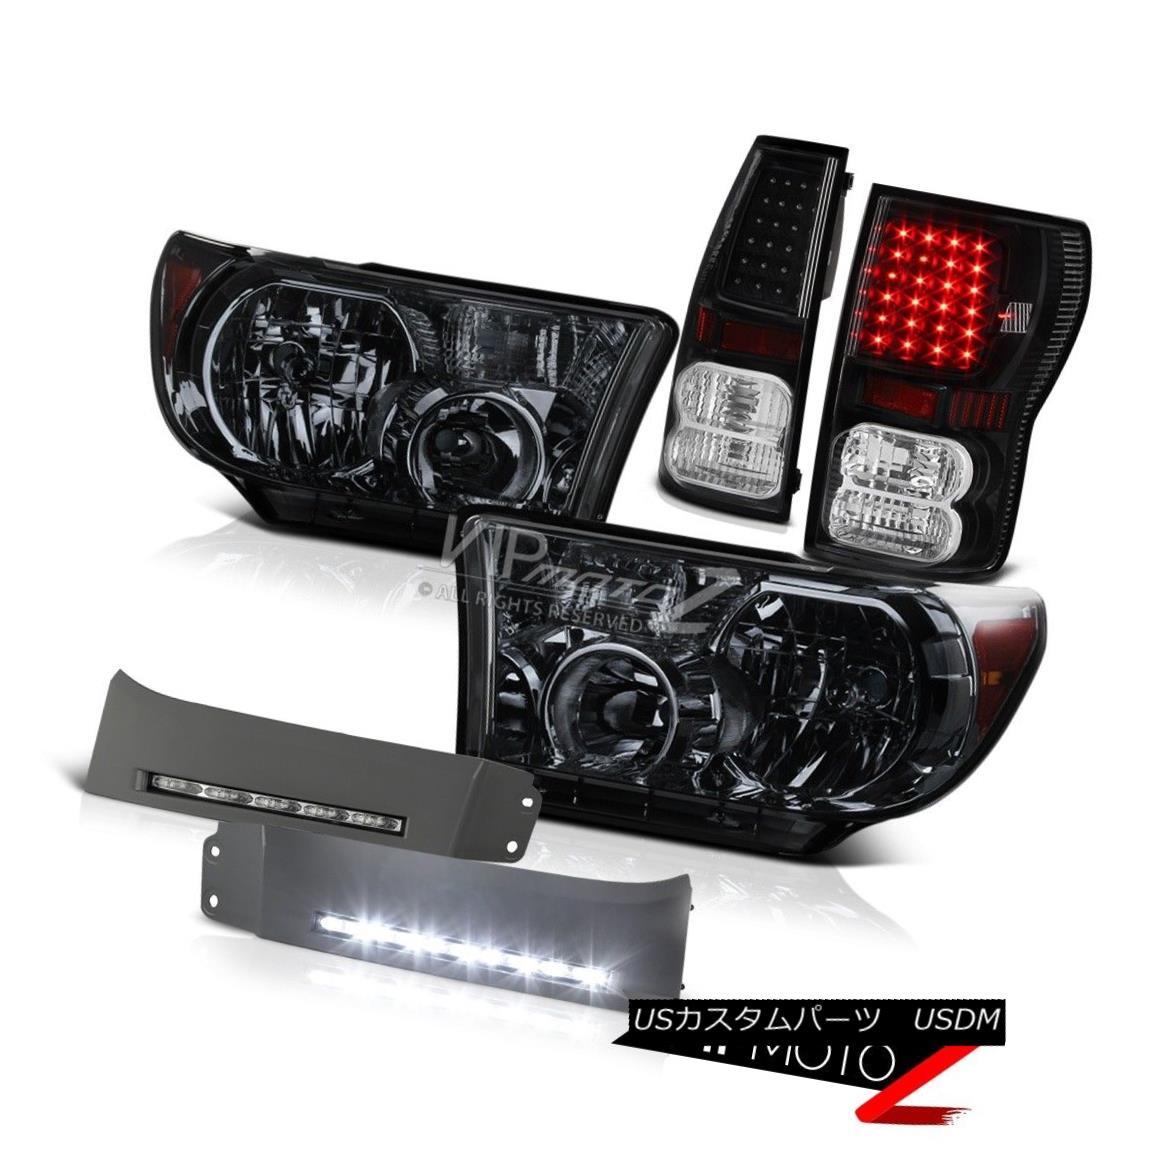 新規購入 ヘッドライト Smoke Kit 2007-13 Tundra PLATINUM BASE Smoke PLATINUM Headlight Black LED Tail Light DRL Fog Kit 2007年?13年Tundra PLATINUM BASEスモークヘッドライトブラックLEDテールライトDRL Fog Kit, ハスヌマムラ:95a315f8 --- scrabblewordsfinder.net